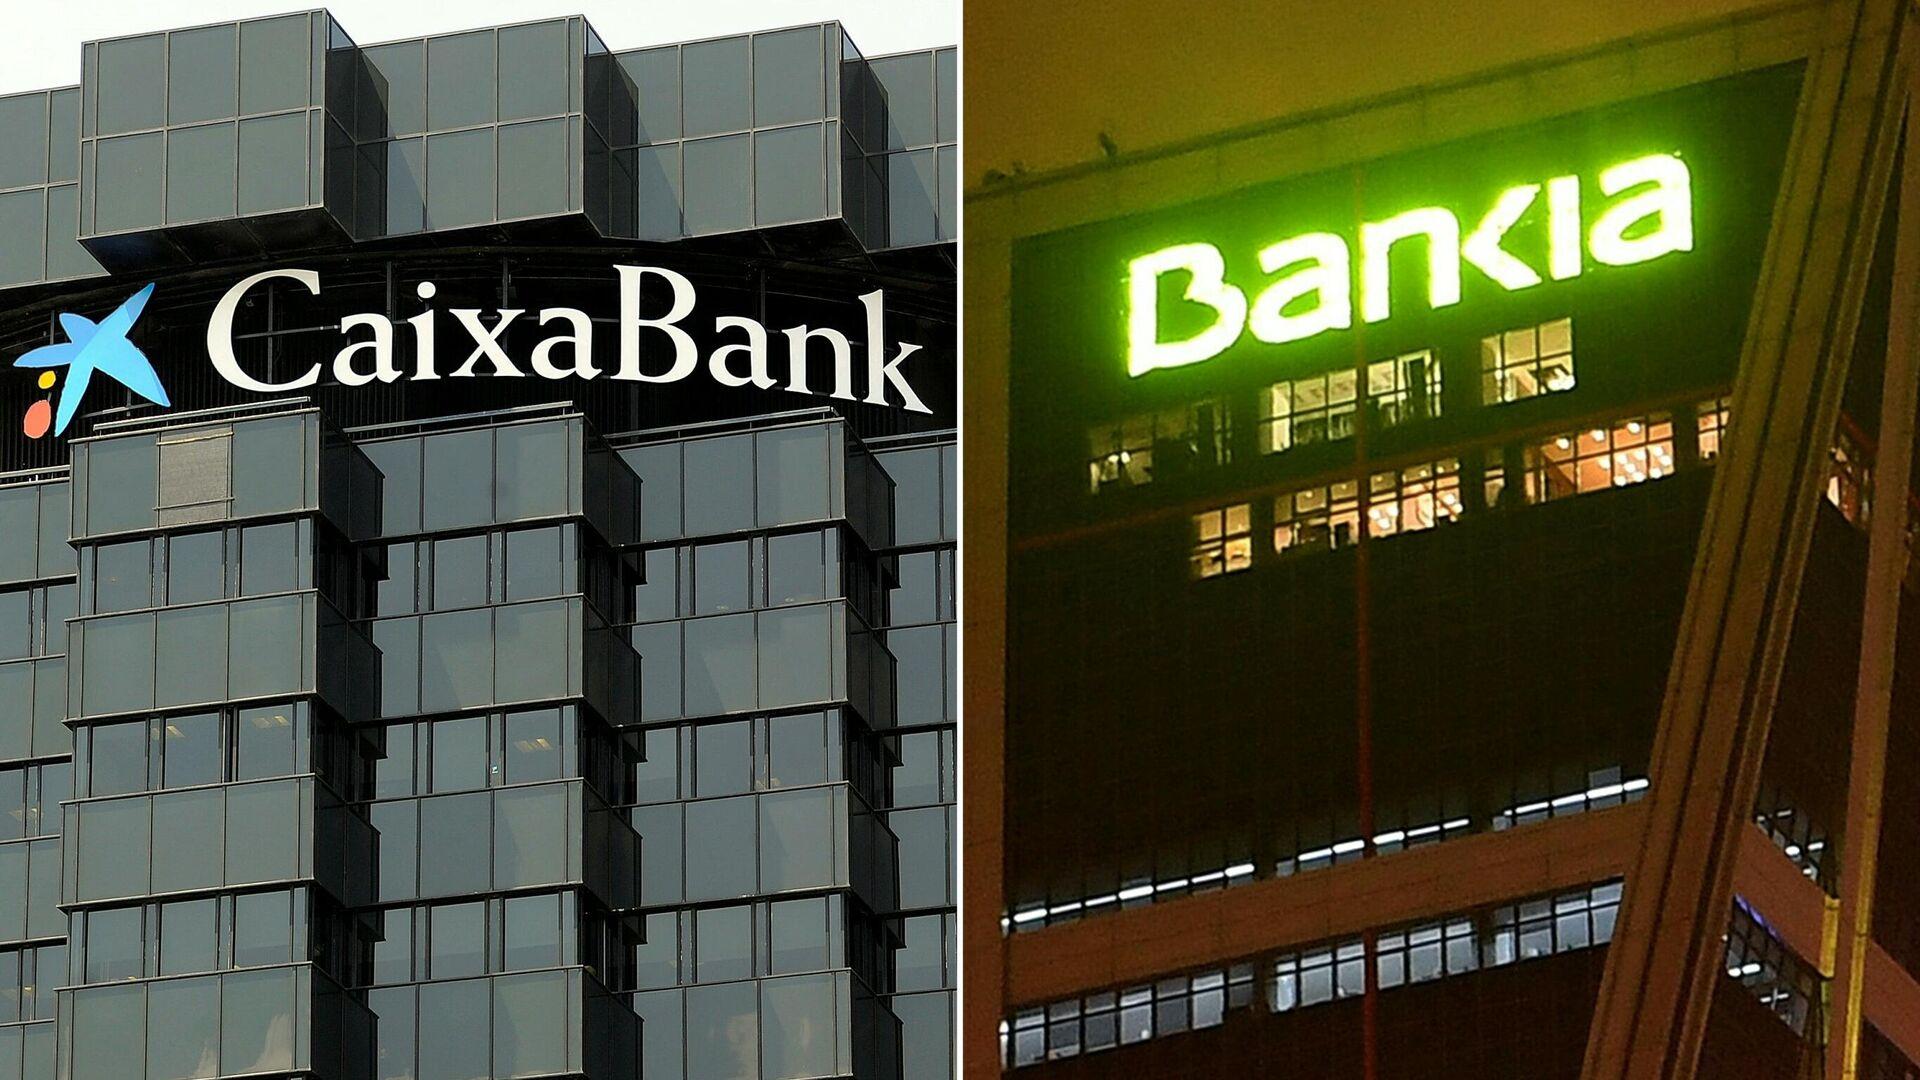 CaixaBank y Bankia se fusionan - Sputnik Mundo, 1920, 20.04.2021